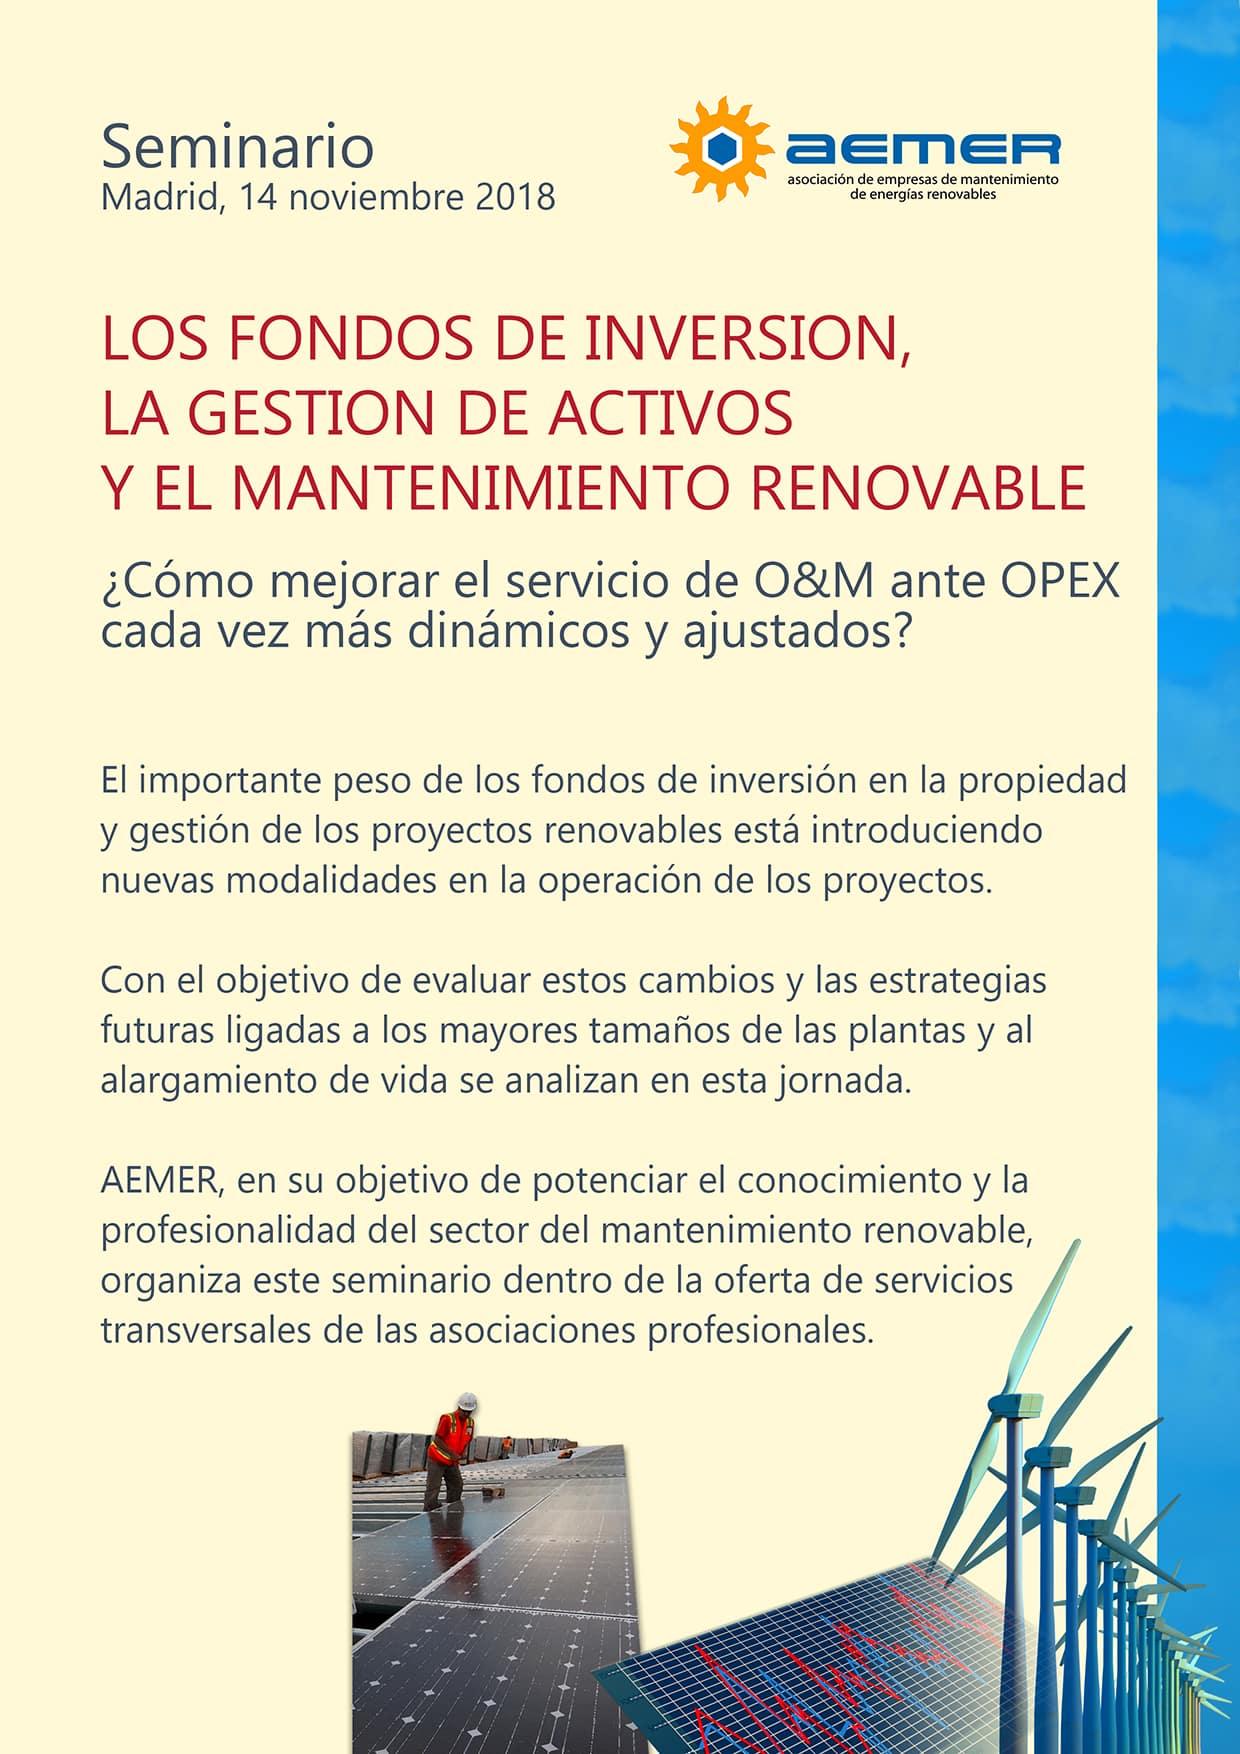 Seminario SOBRE LOS FONDOS DE INVERSIÓN